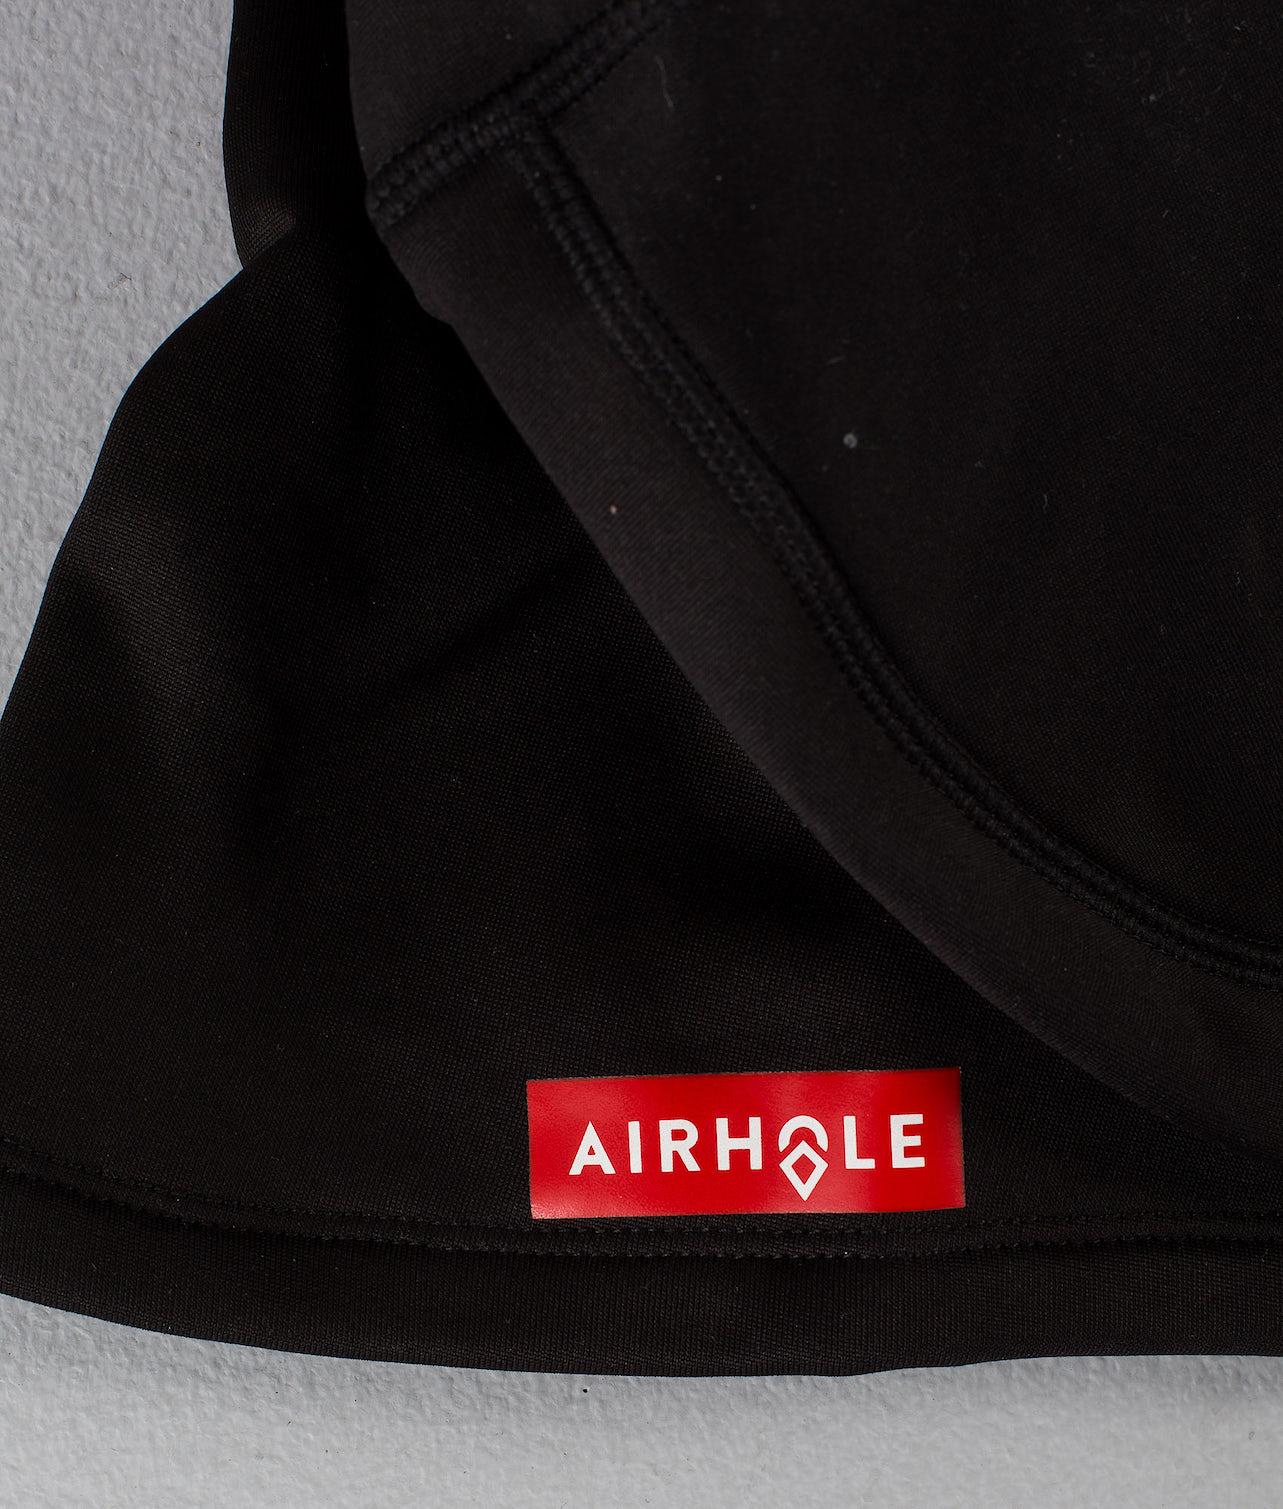 Köp Airhood Polar Ansiktsmask från Airhole på Ridestore.se Hos oss har du alltid fri frakt, fri retur och 30 dagar öppet köp!